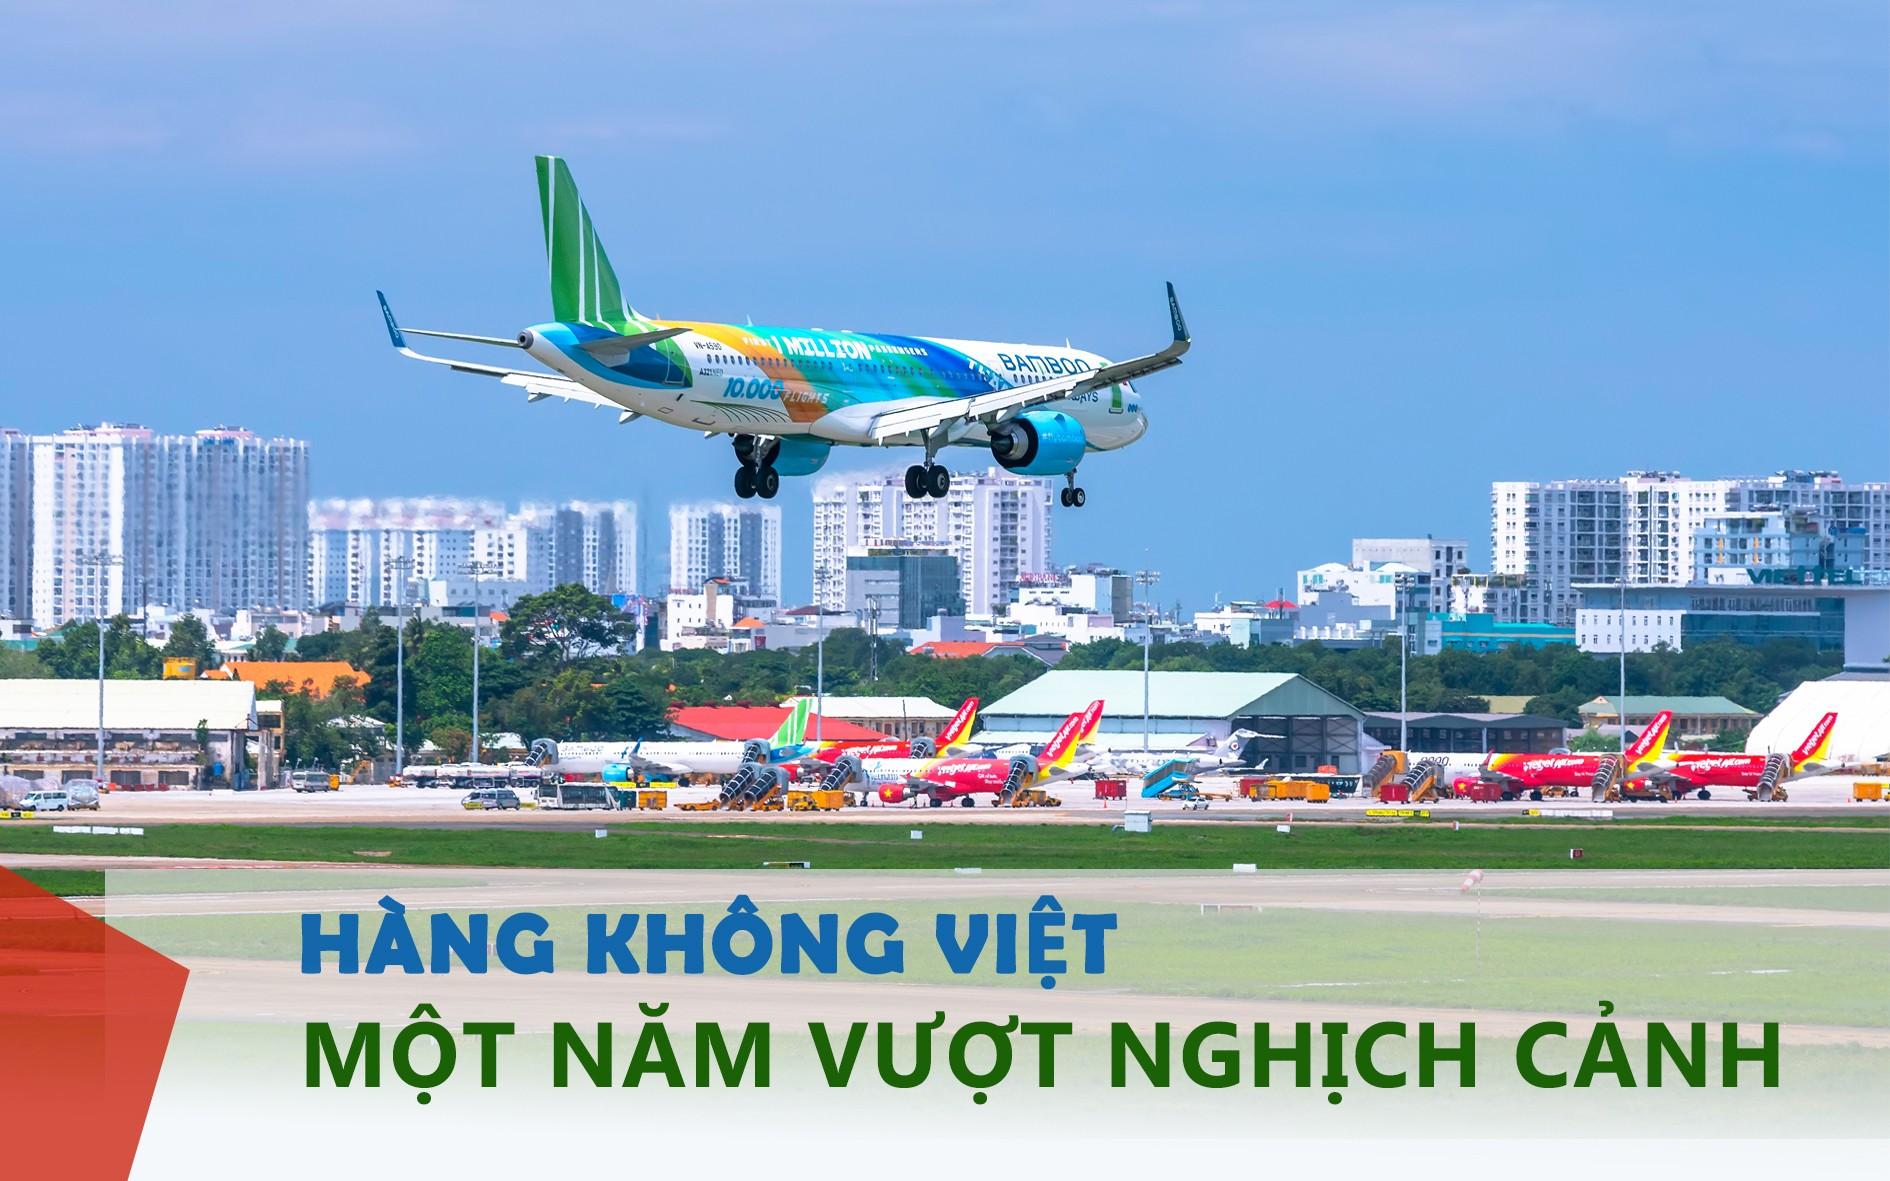 Hàng không Việt, một năm vượt nghịch cảnh